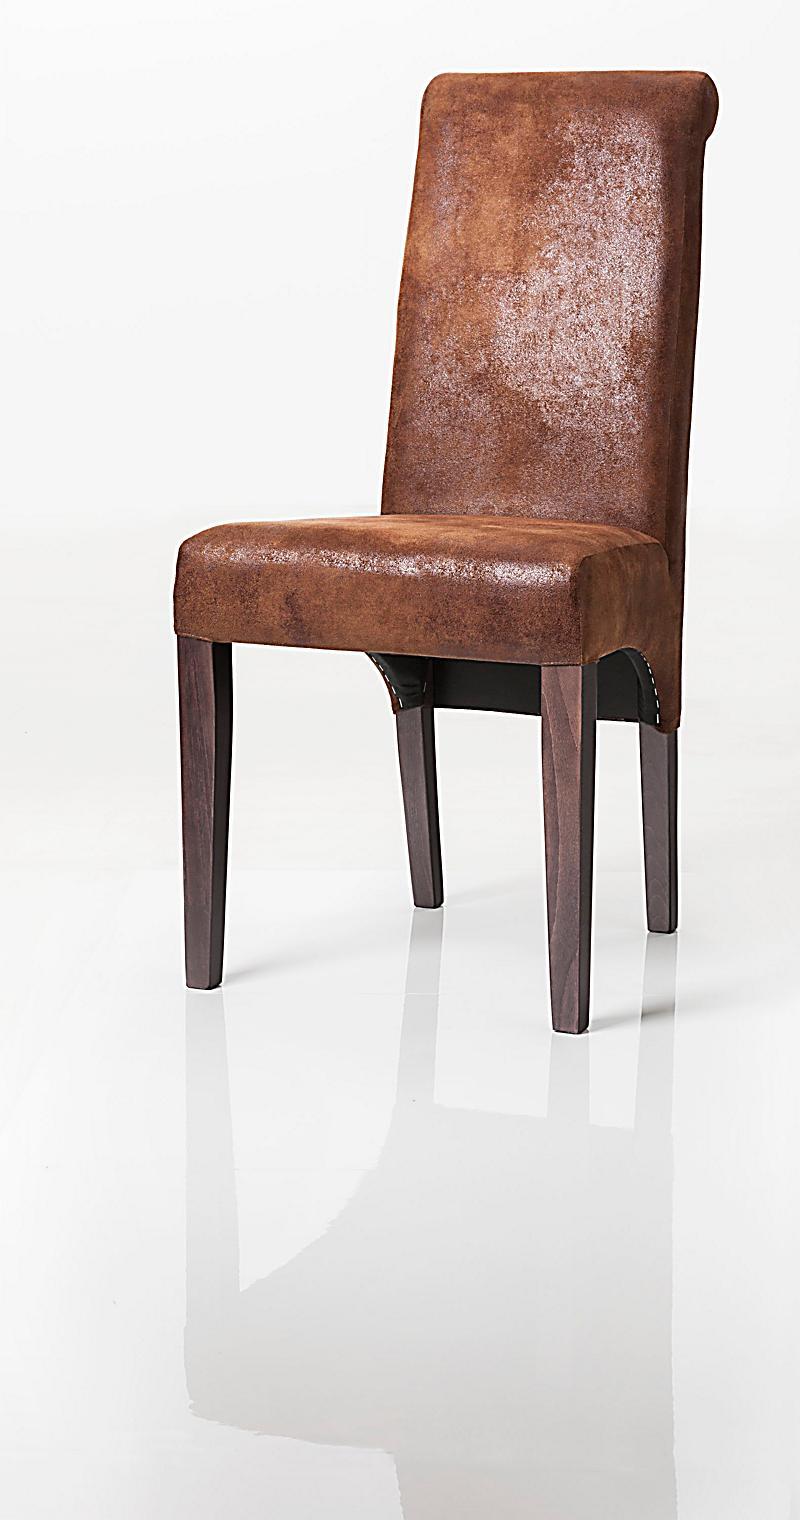 polsterstuhl pia vintage braun jetzt bei bestellen. Black Bedroom Furniture Sets. Home Design Ideas